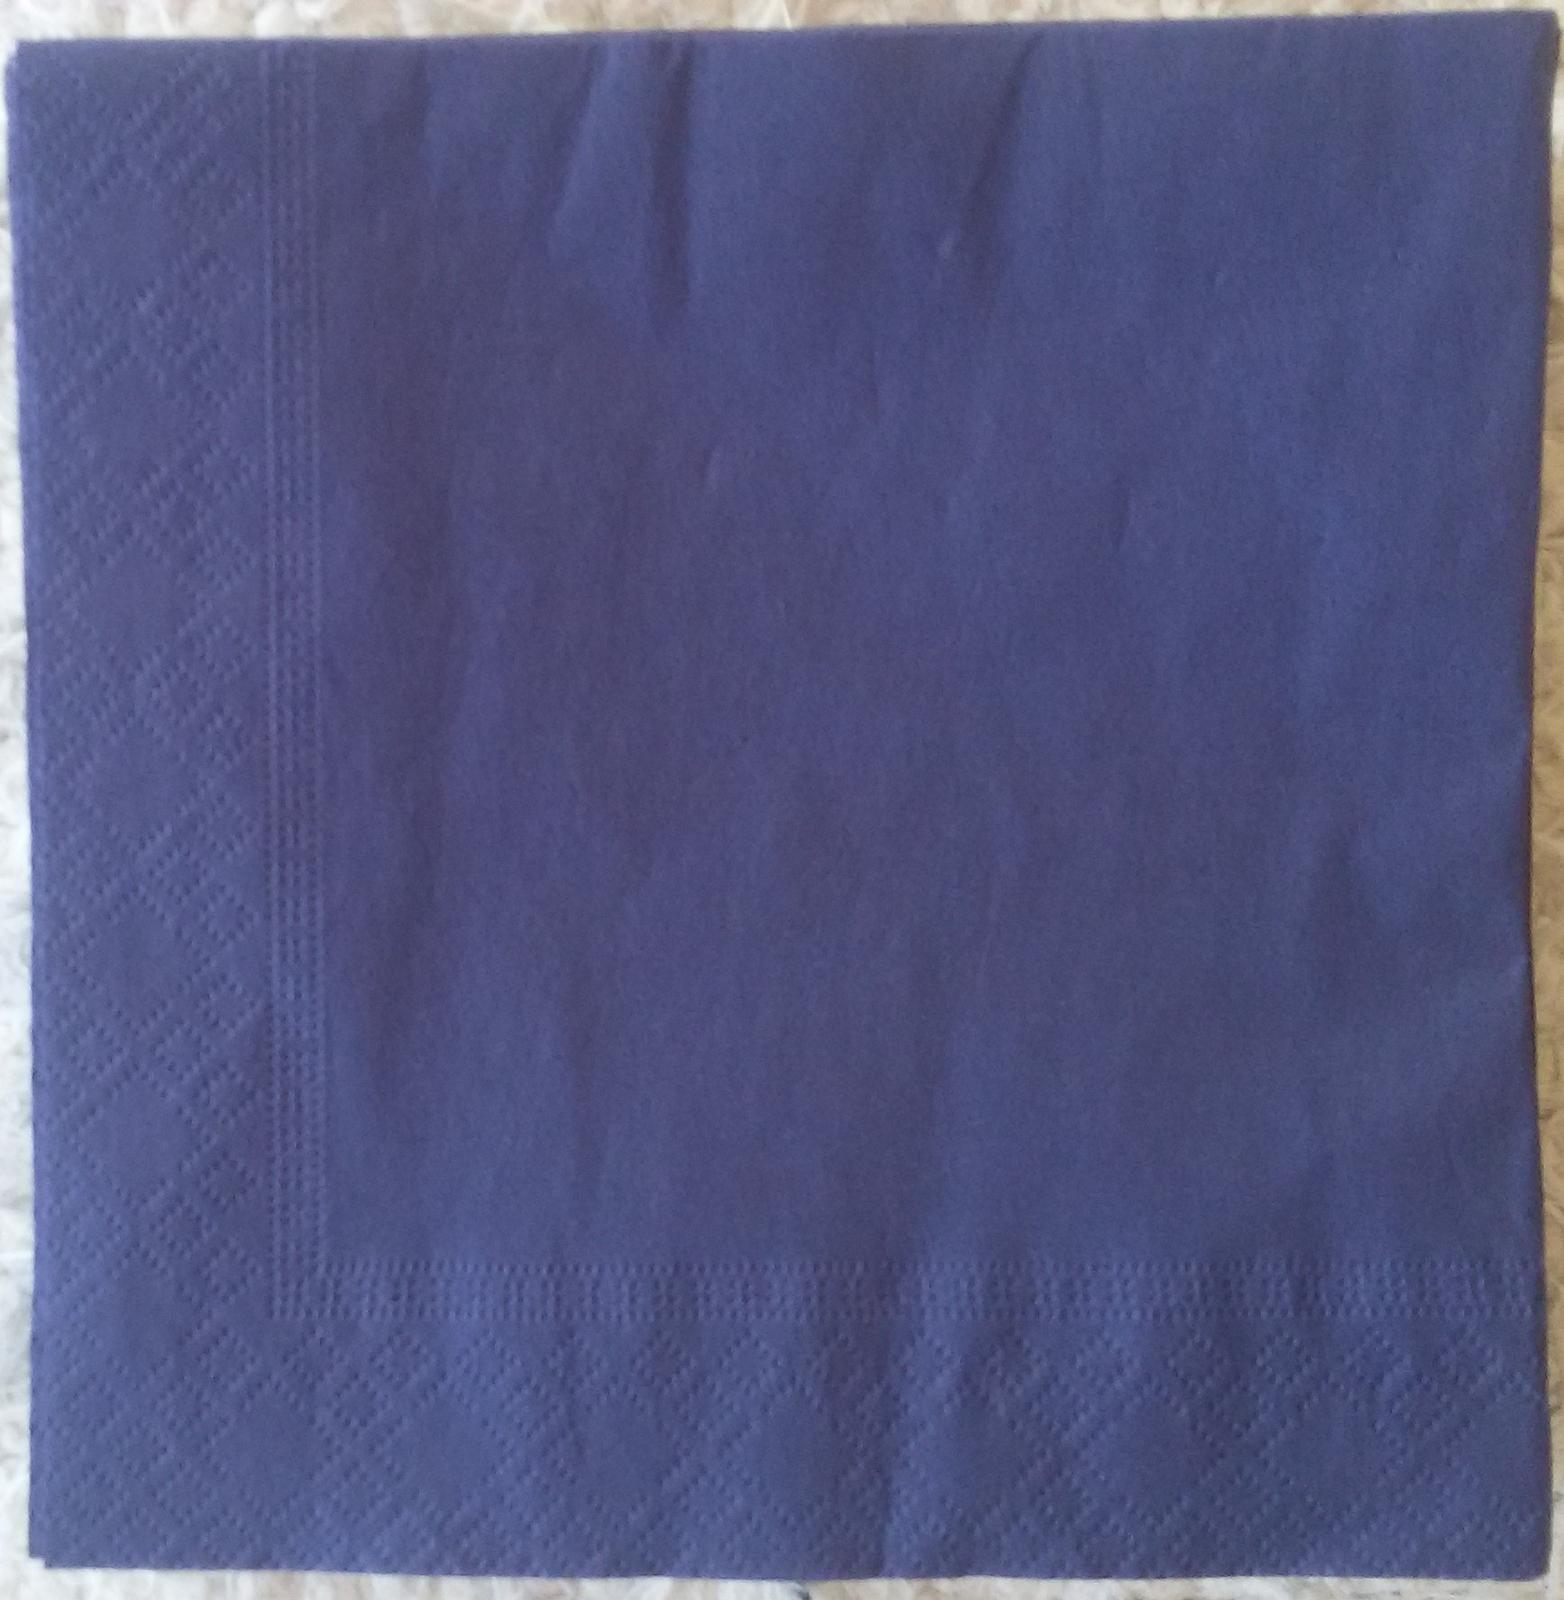 tmavě modré ubrousky - Obrázek č. 1